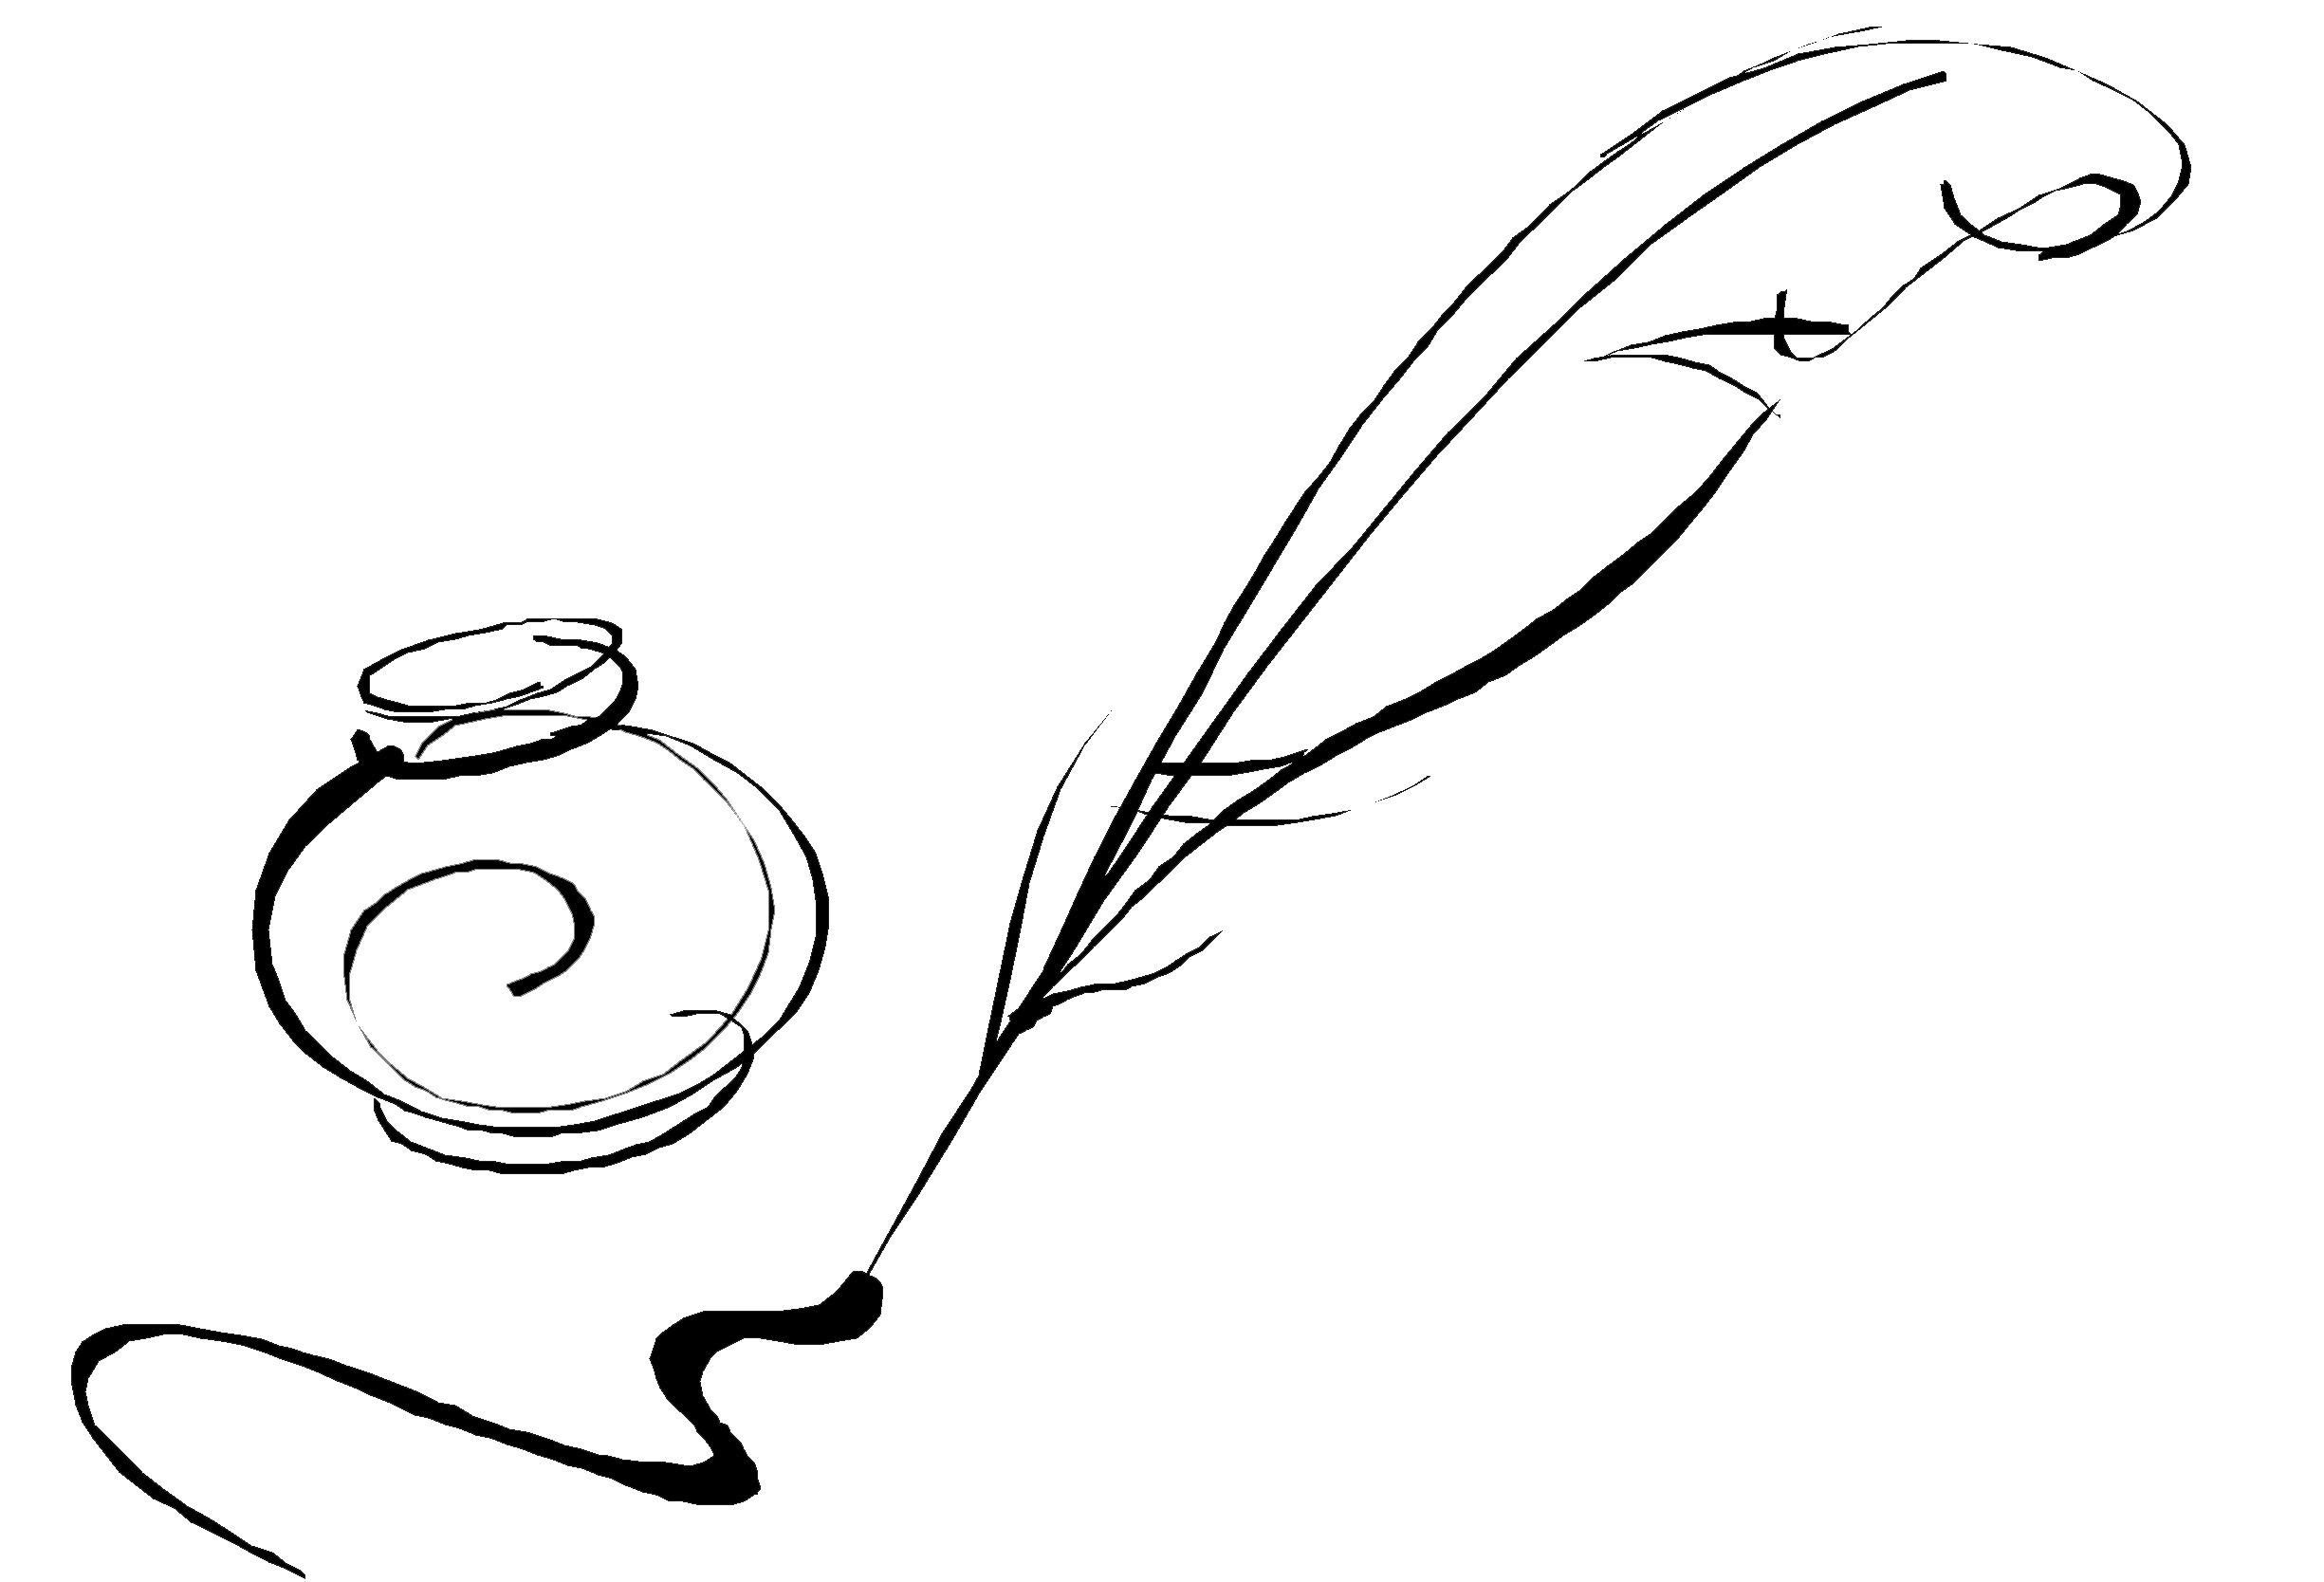 Drawn pen logo png Me Nawsheen free images Drawing